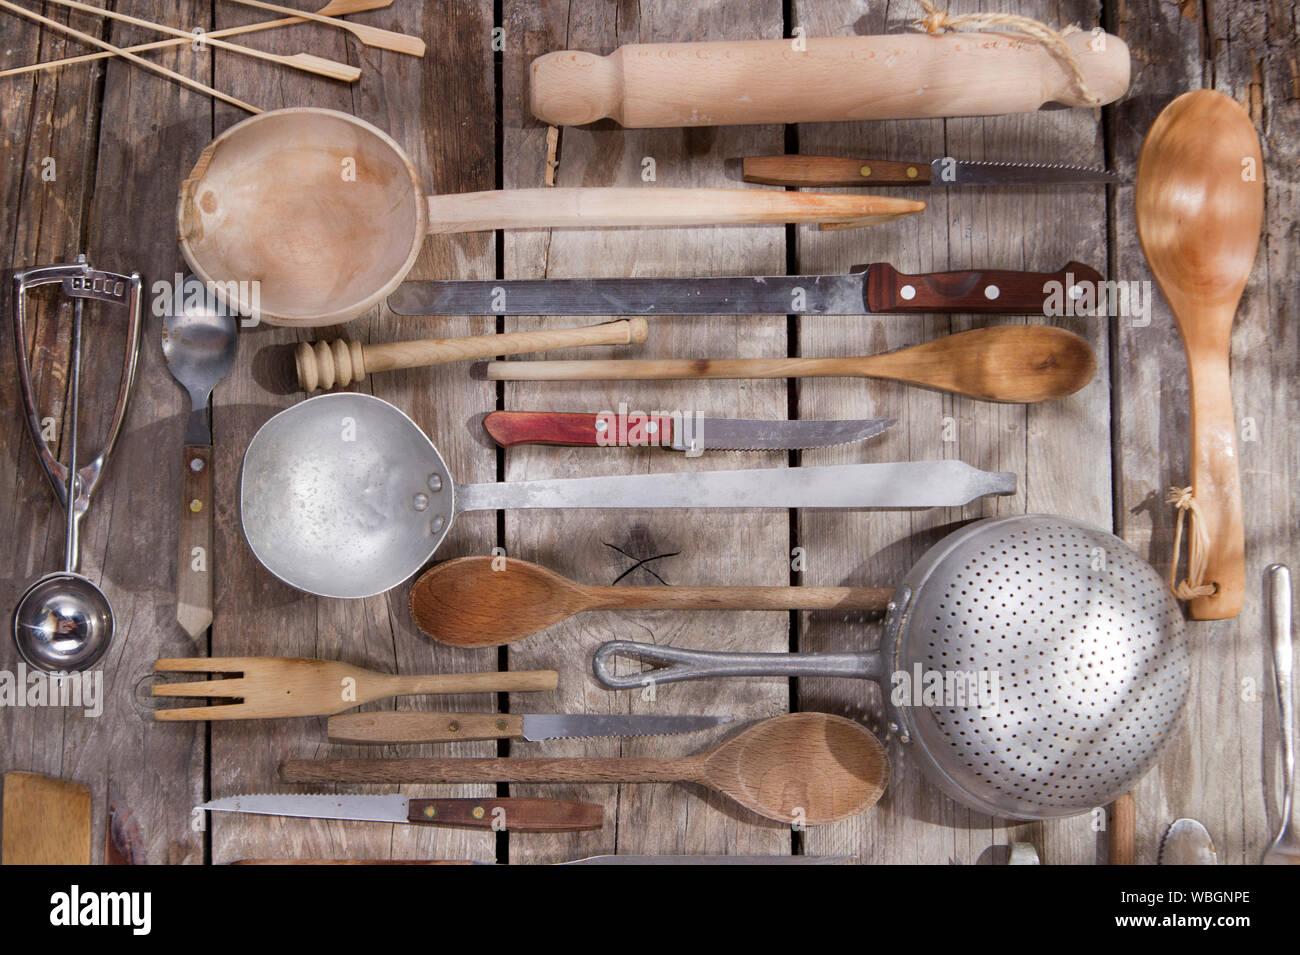 Vari utensili da cucina appeso su legno Foto Stock